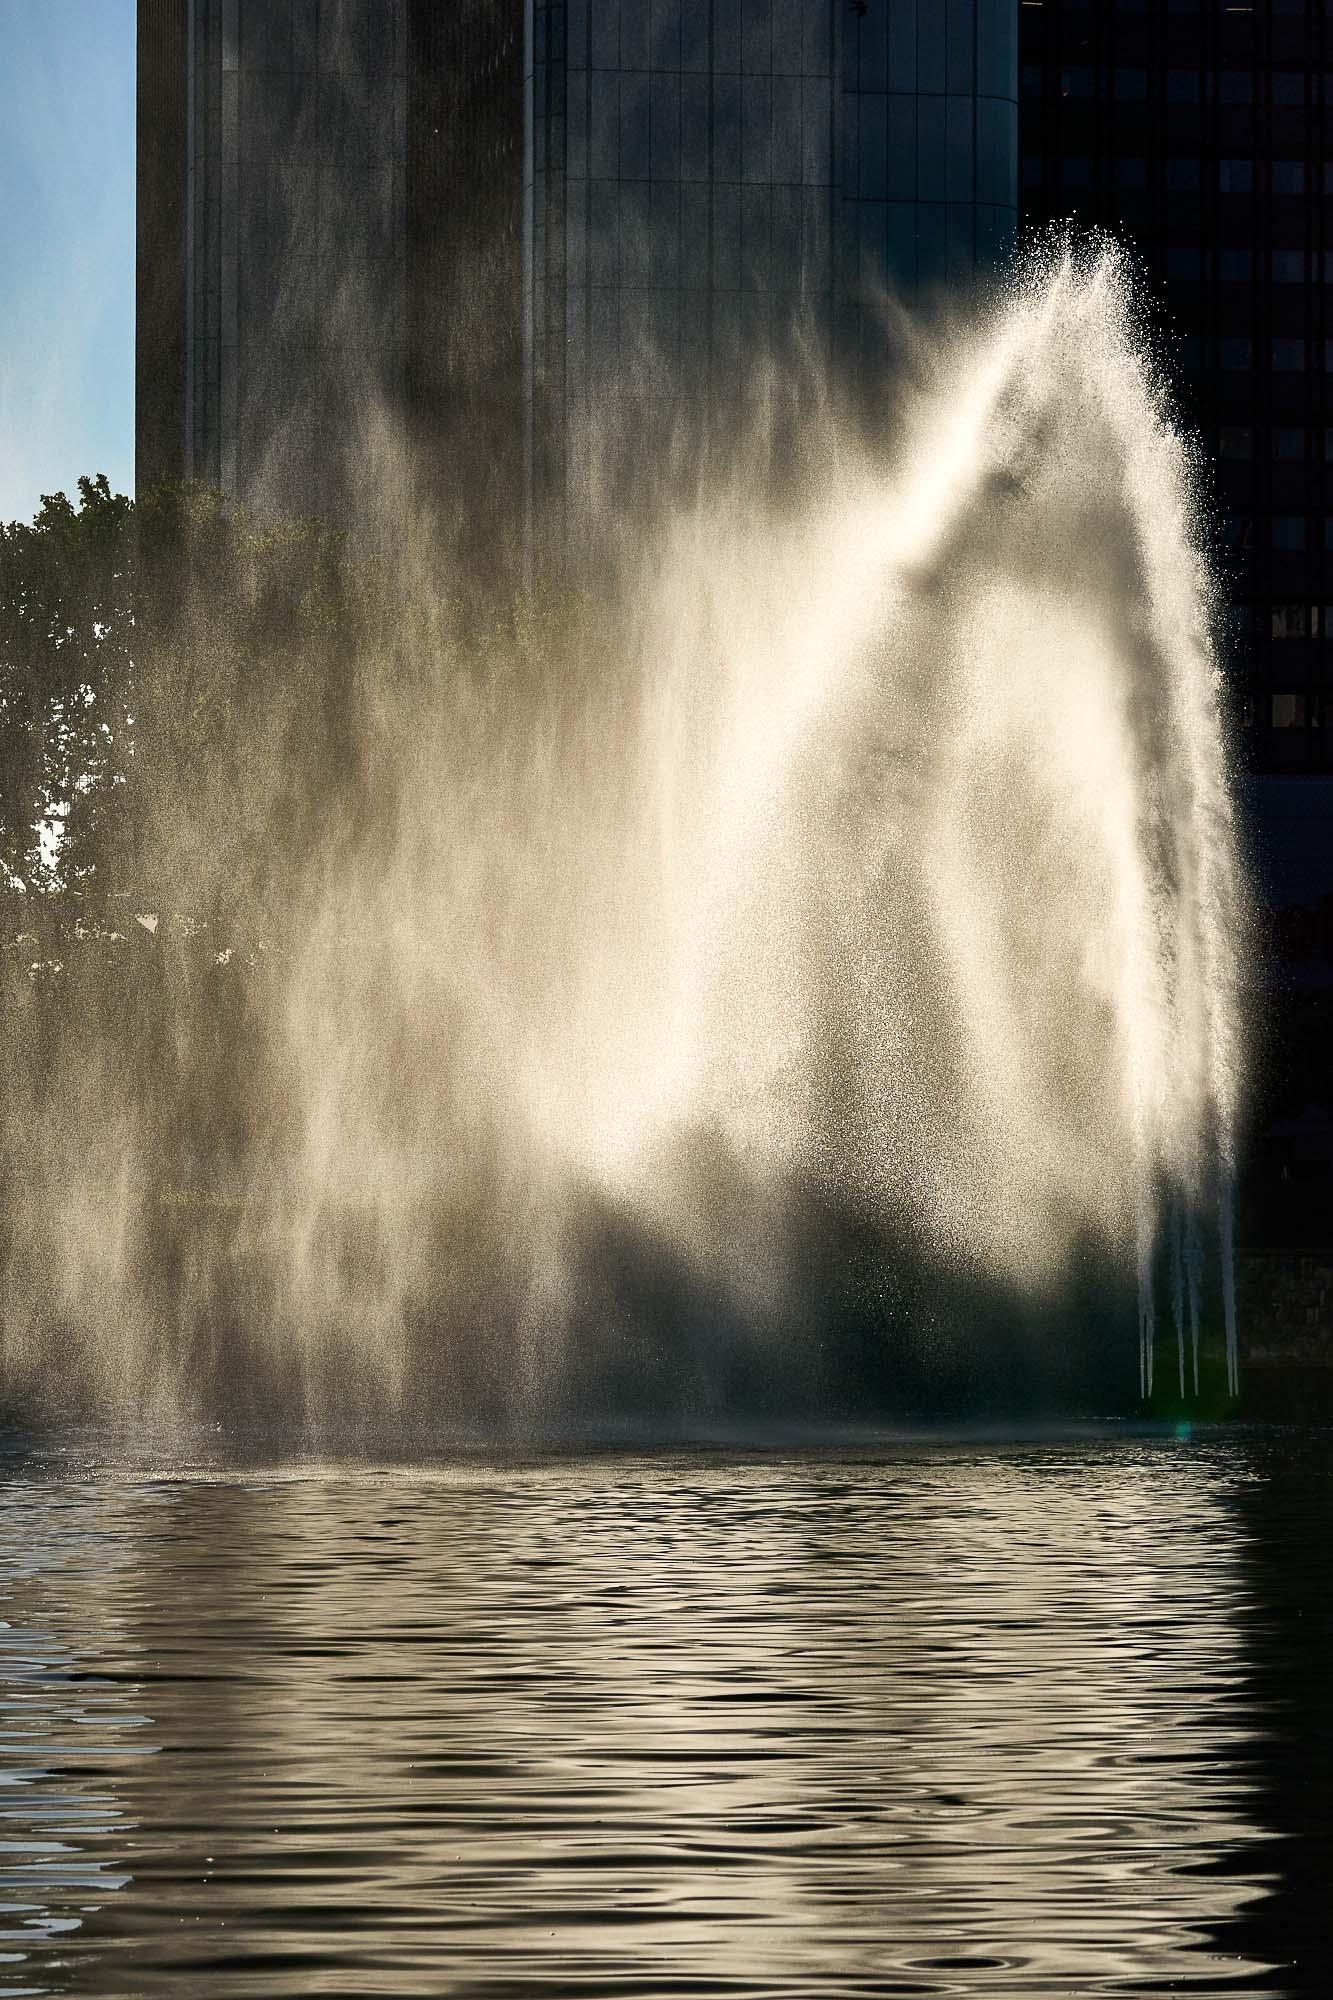 expresskasse / Fontaine im Wind